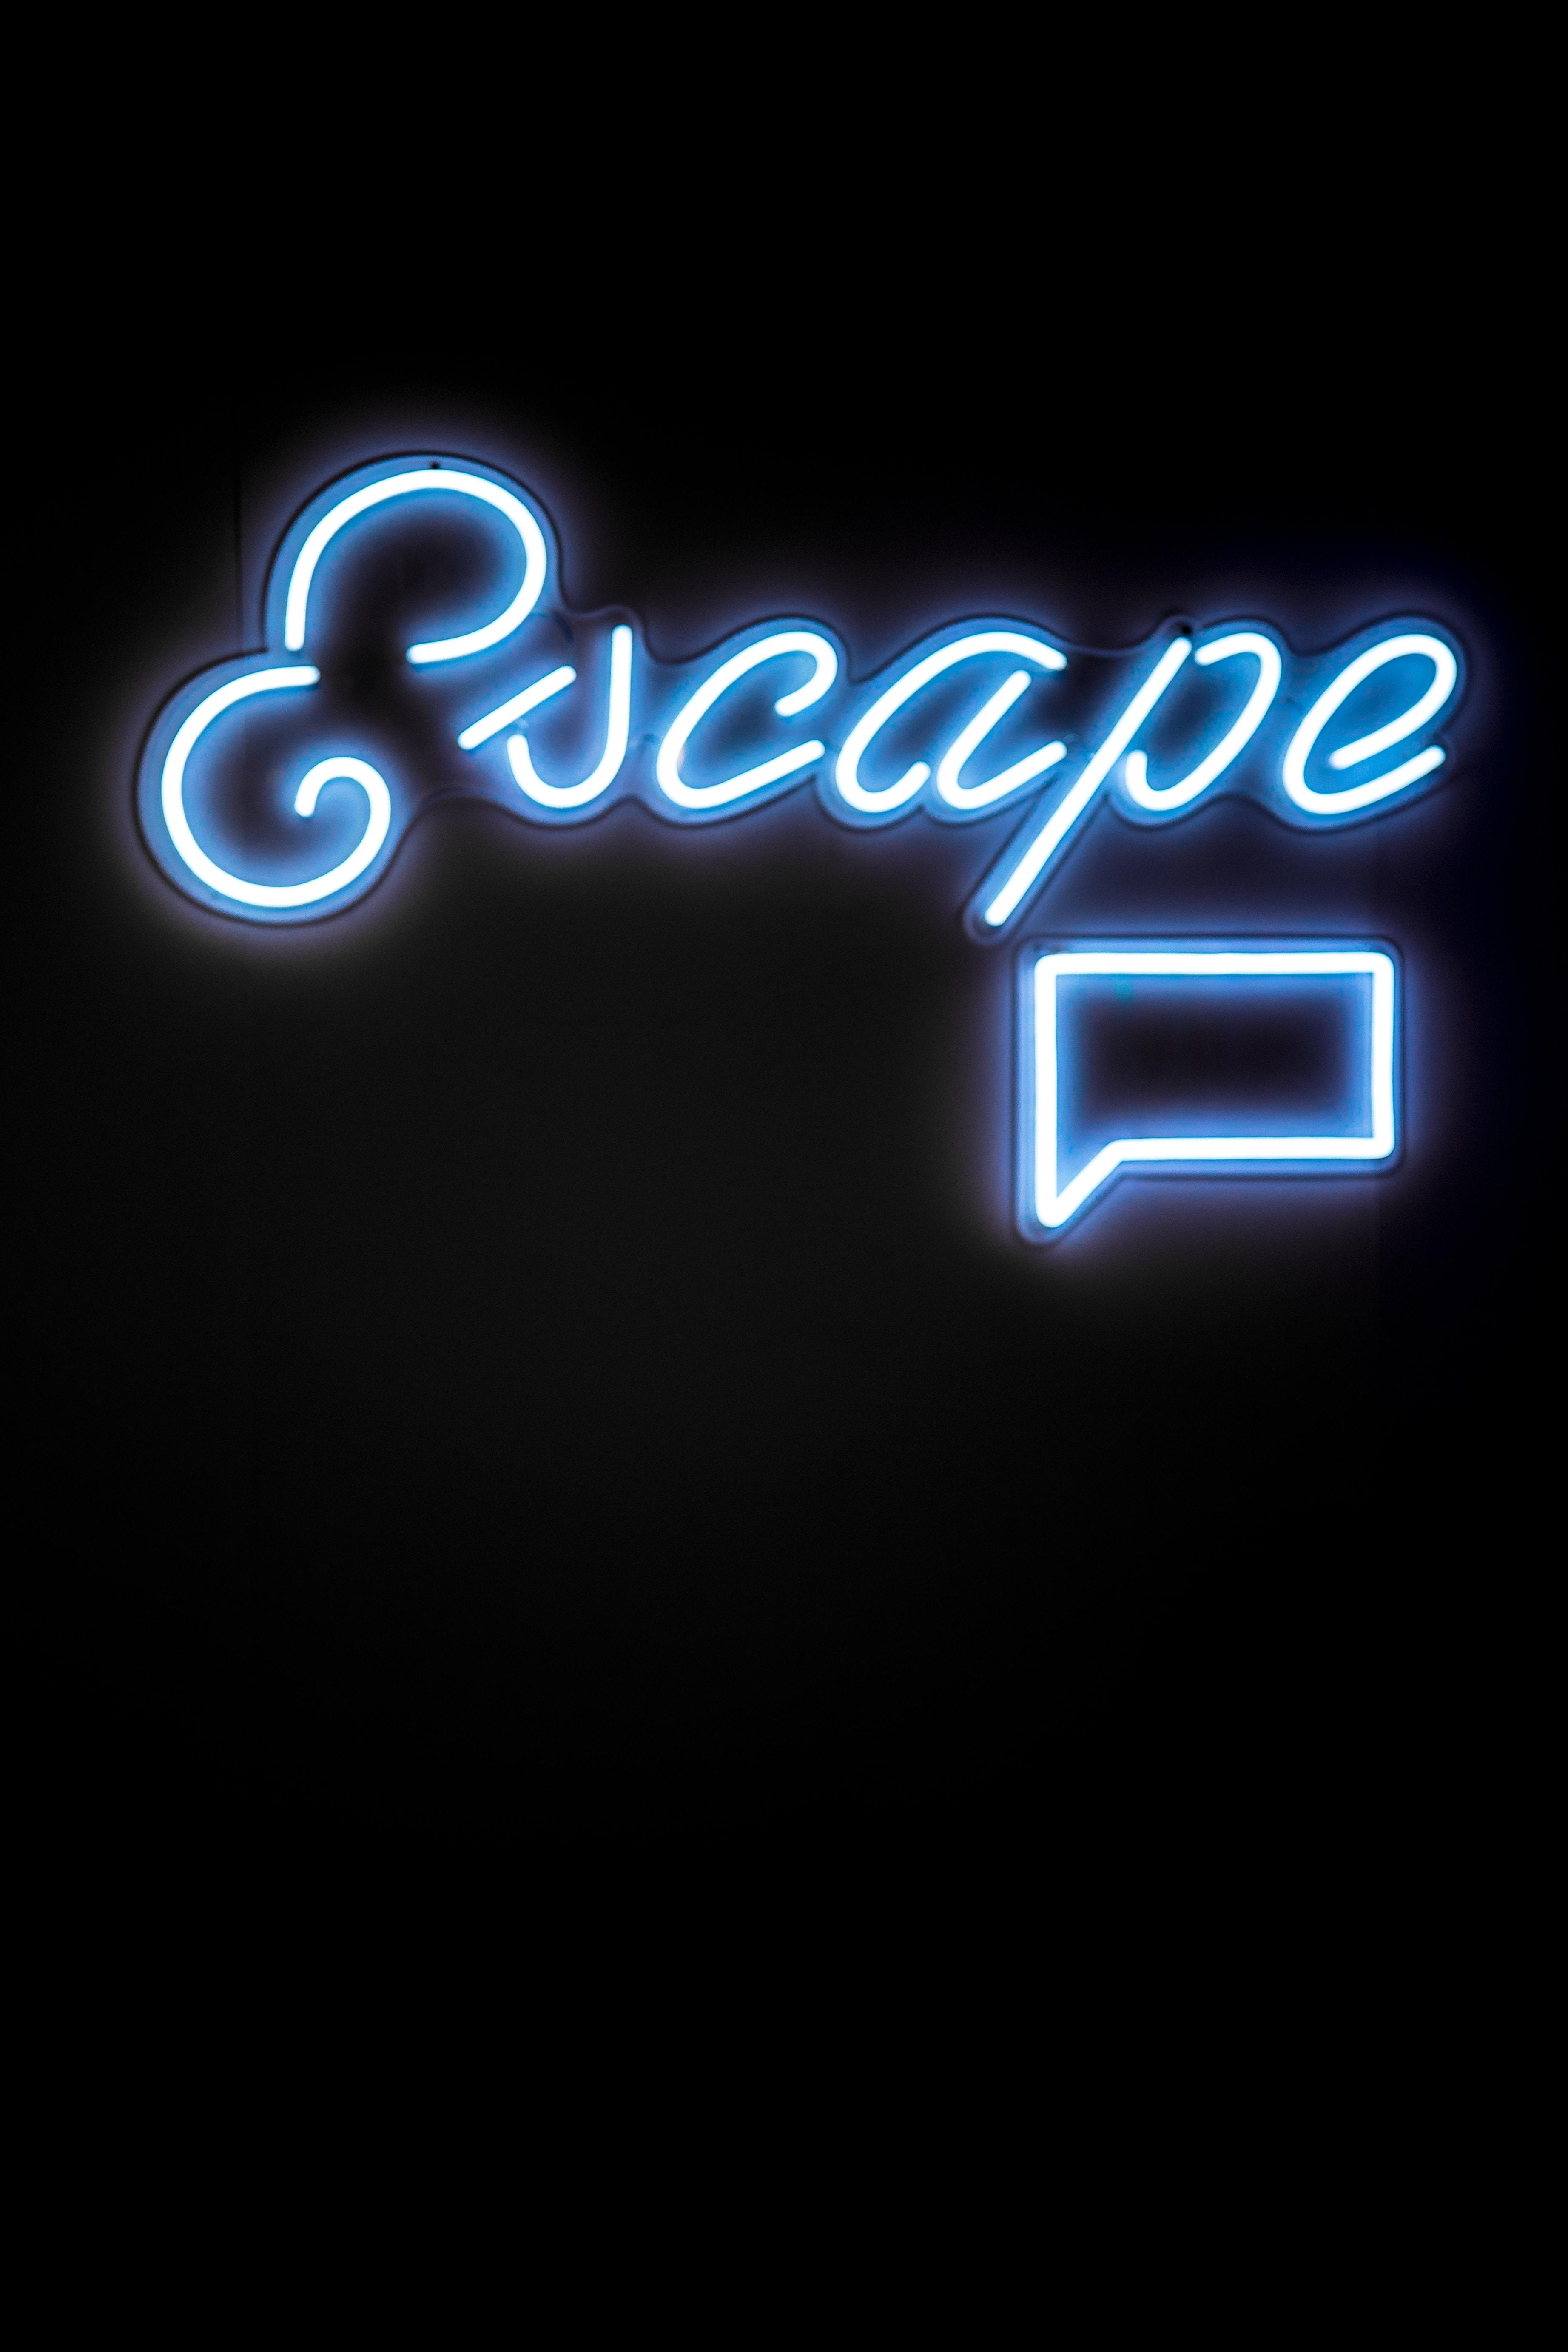 blue Escape neon signage